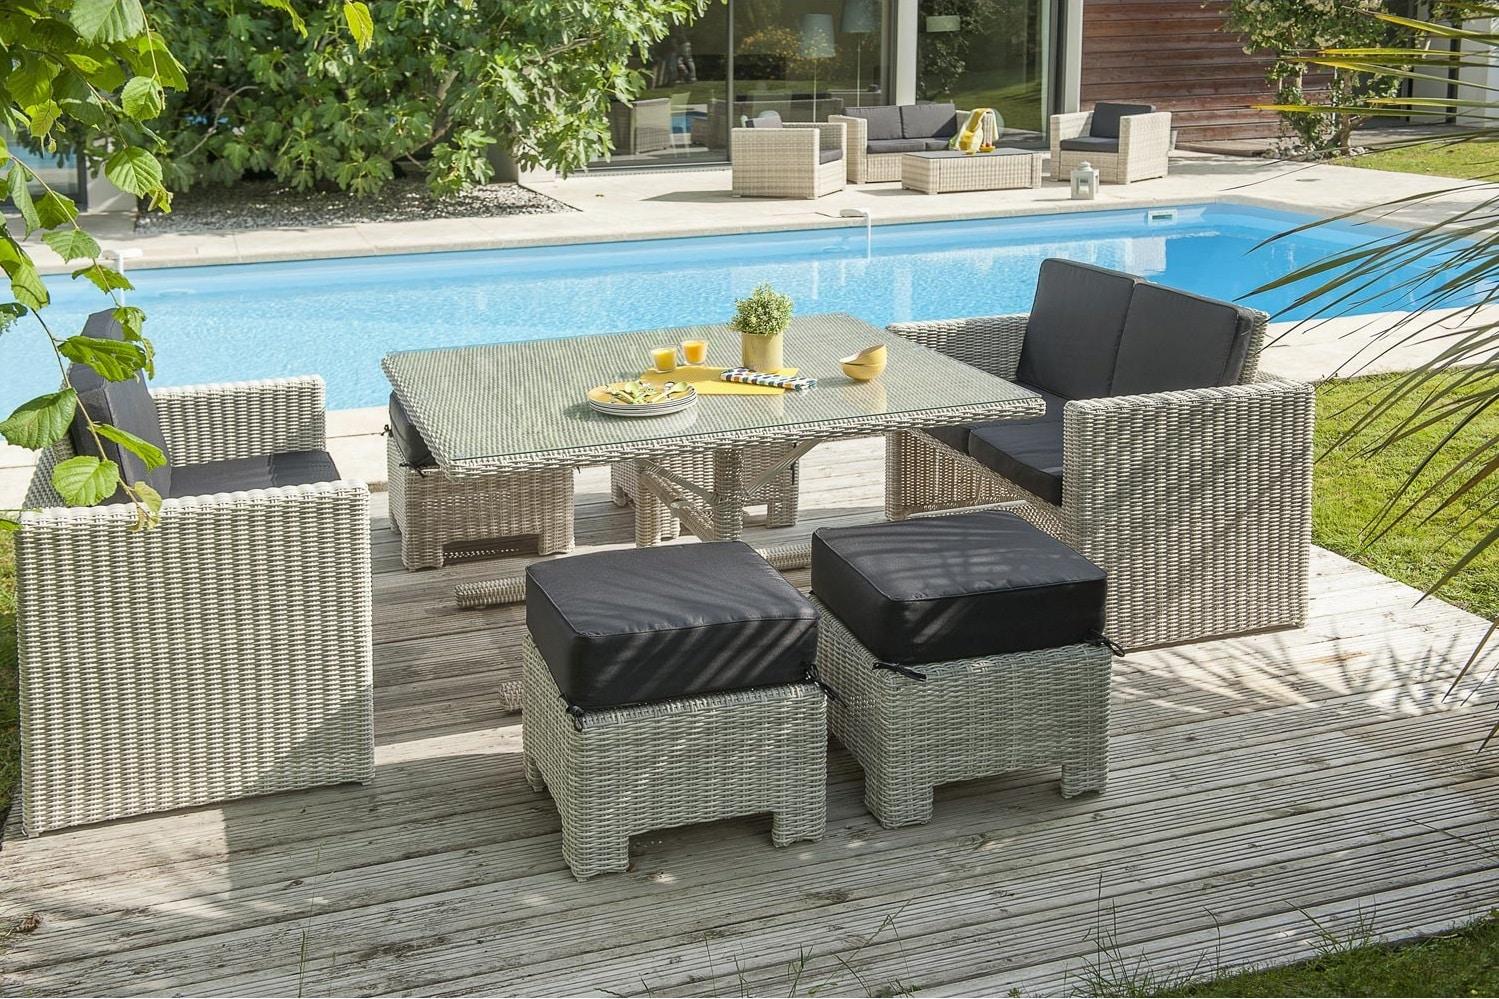 mobilier de jardin la petite touche haut de gamme pour parfaire votre ext rieur home dome. Black Bedroom Furniture Sets. Home Design Ideas